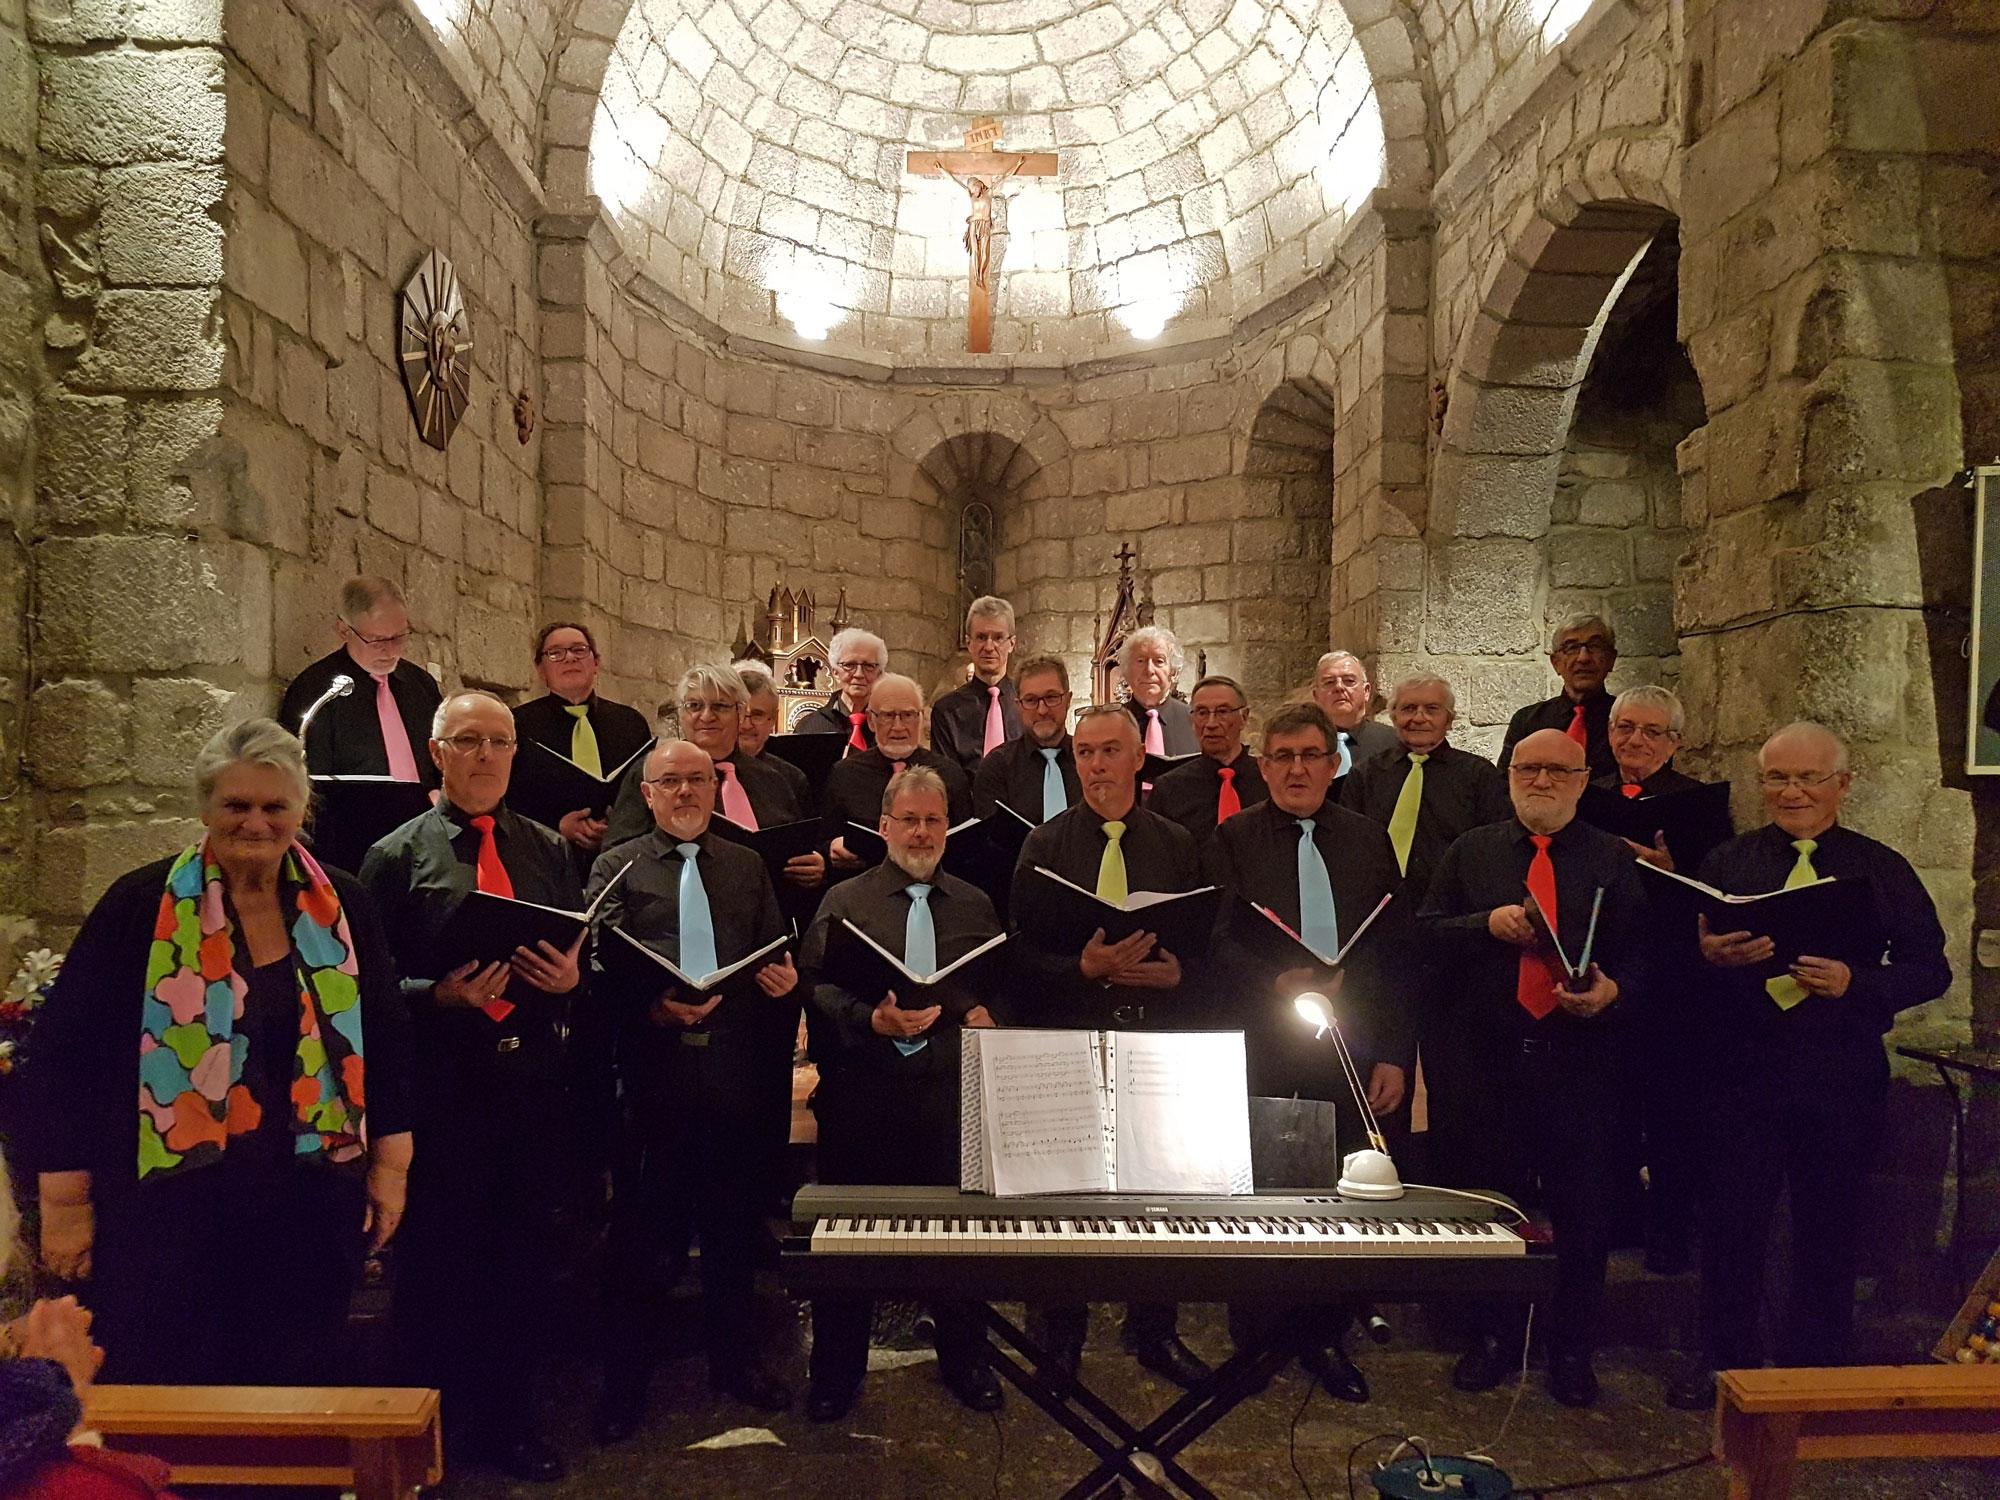 Samedi 24 mars, l'église de Fau de Peyre accueillait le chœur d'hommes de Chatel-Vendon sous la direction de Madame Hélène Delage, leur chef de chœur. Mélomanes ou simples spectateurs ont été émerveillés par la qualité de ce concert...